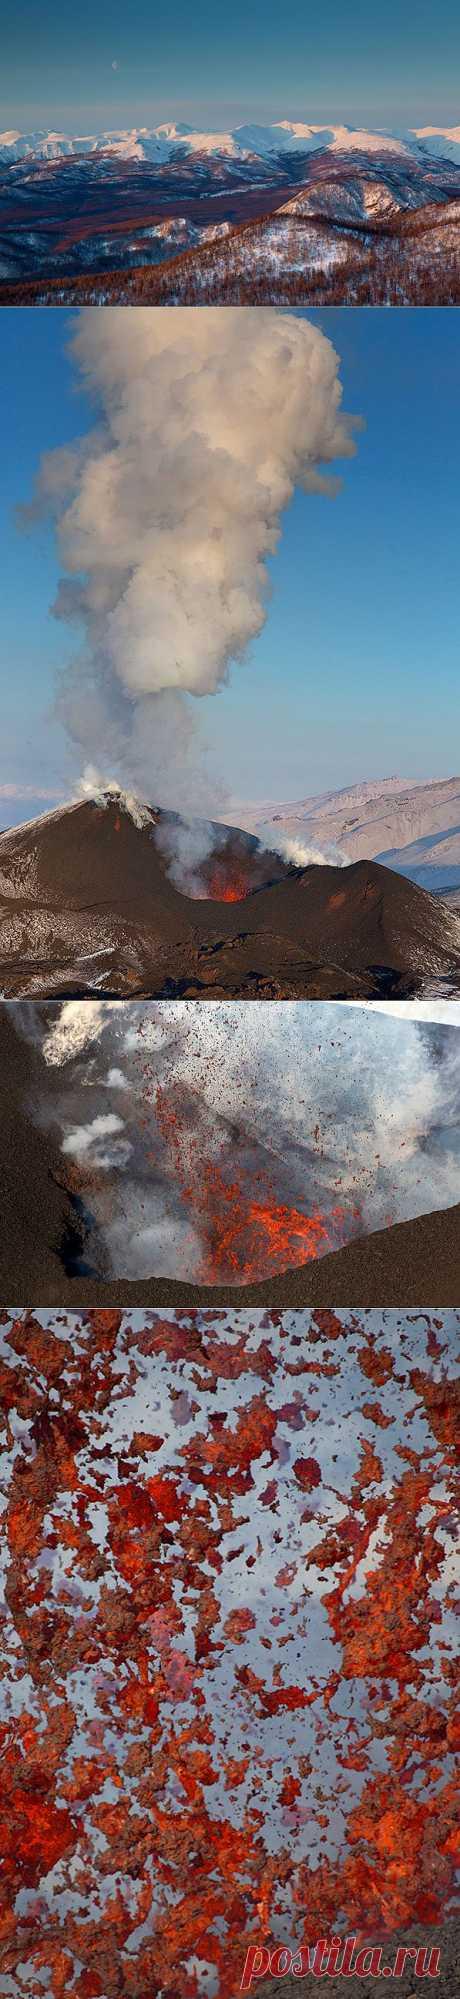 Новое трещинное толбачинское извержение 2 месяца спустя : НОВОСТИ В ФОТОГРАФИЯХ